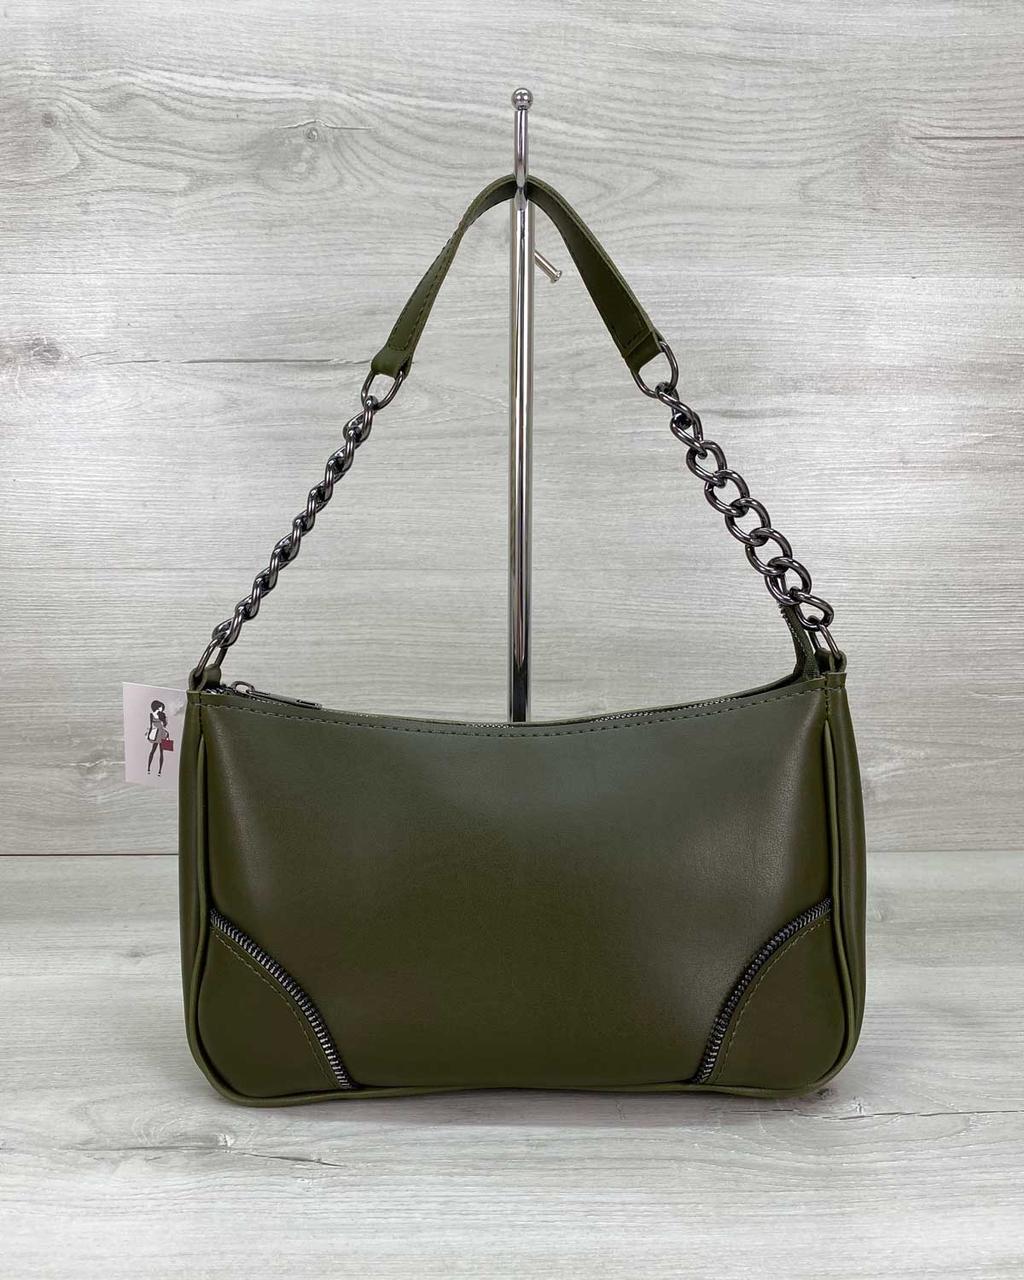 Оливковая женская сумочка кроссбоди через плечо на длинном ремешке